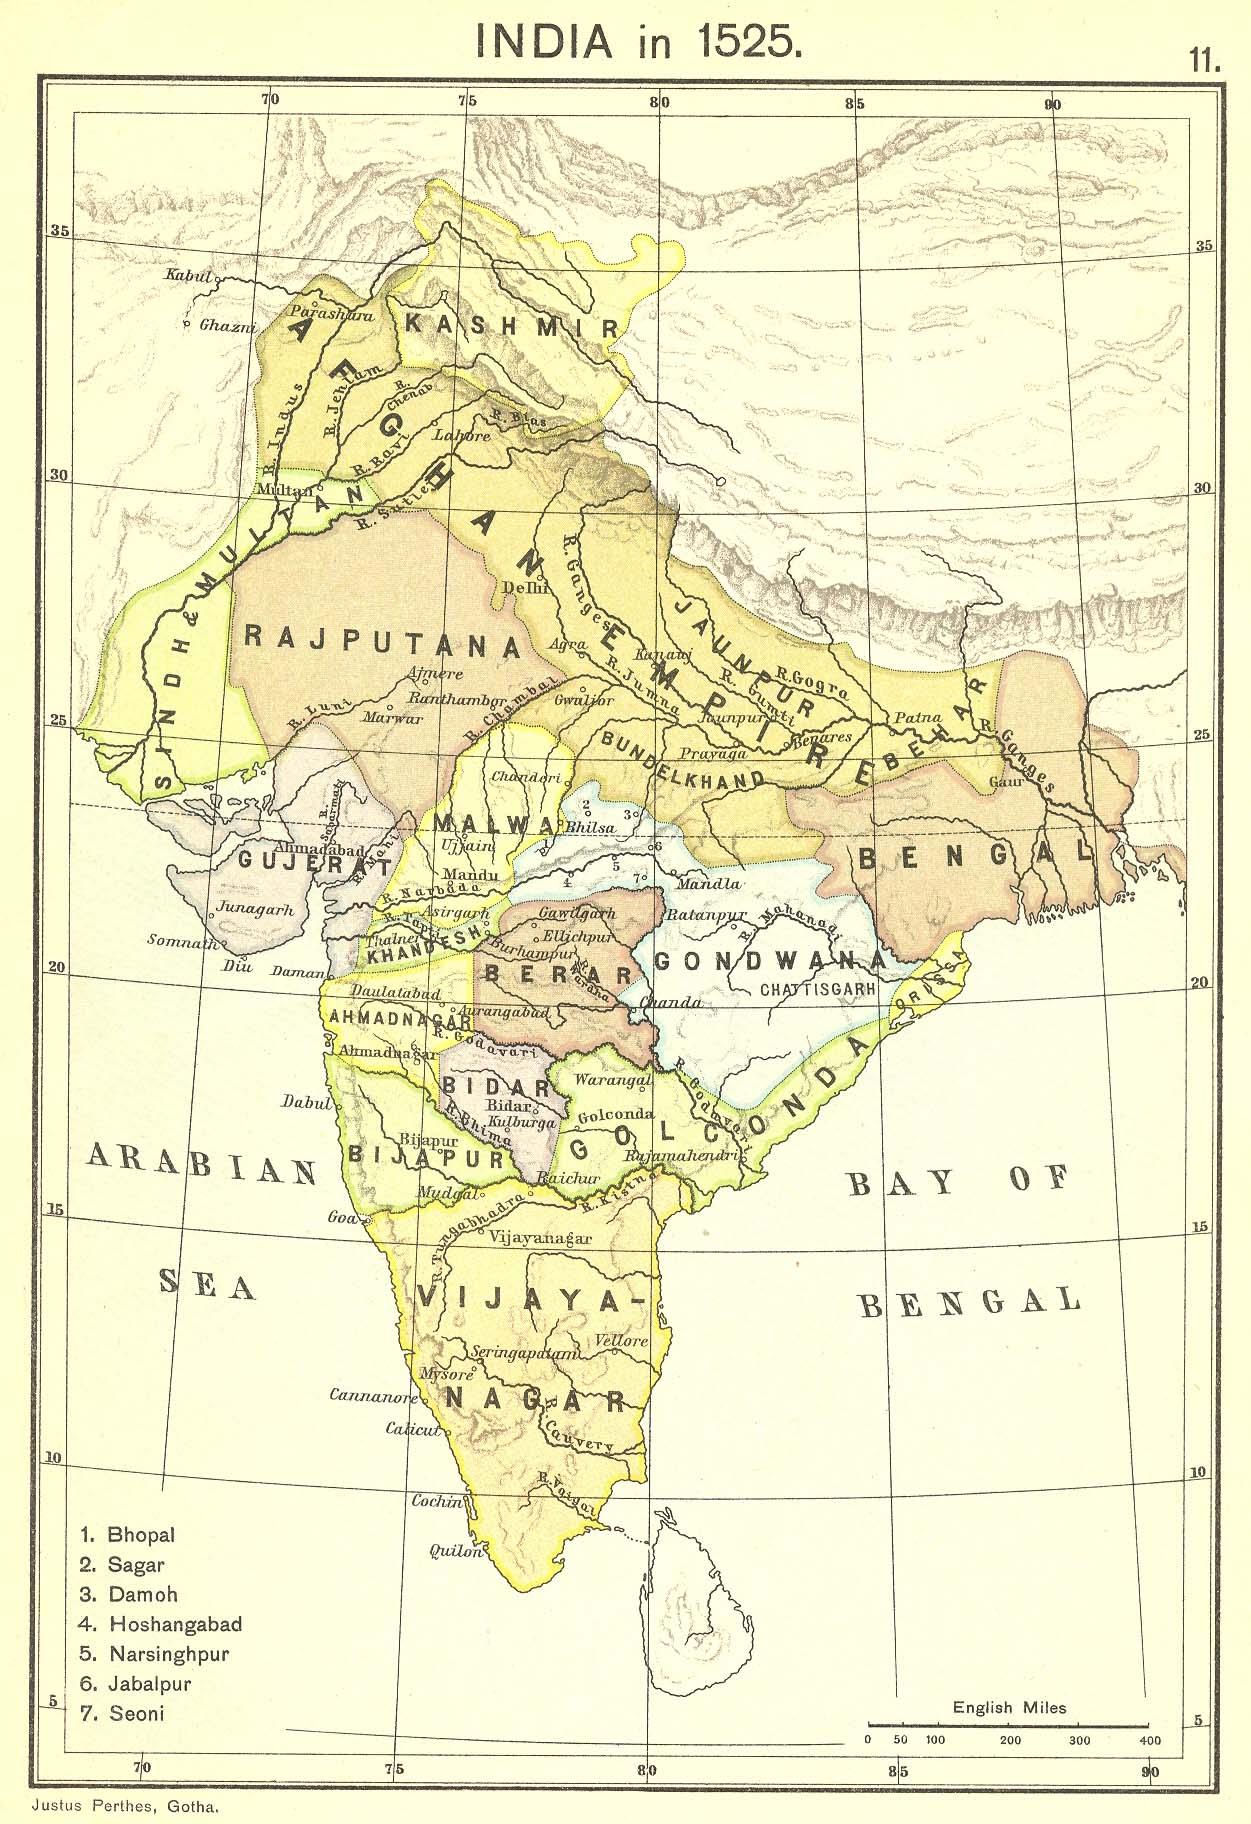 File:India in 1525 Joppen.jpg